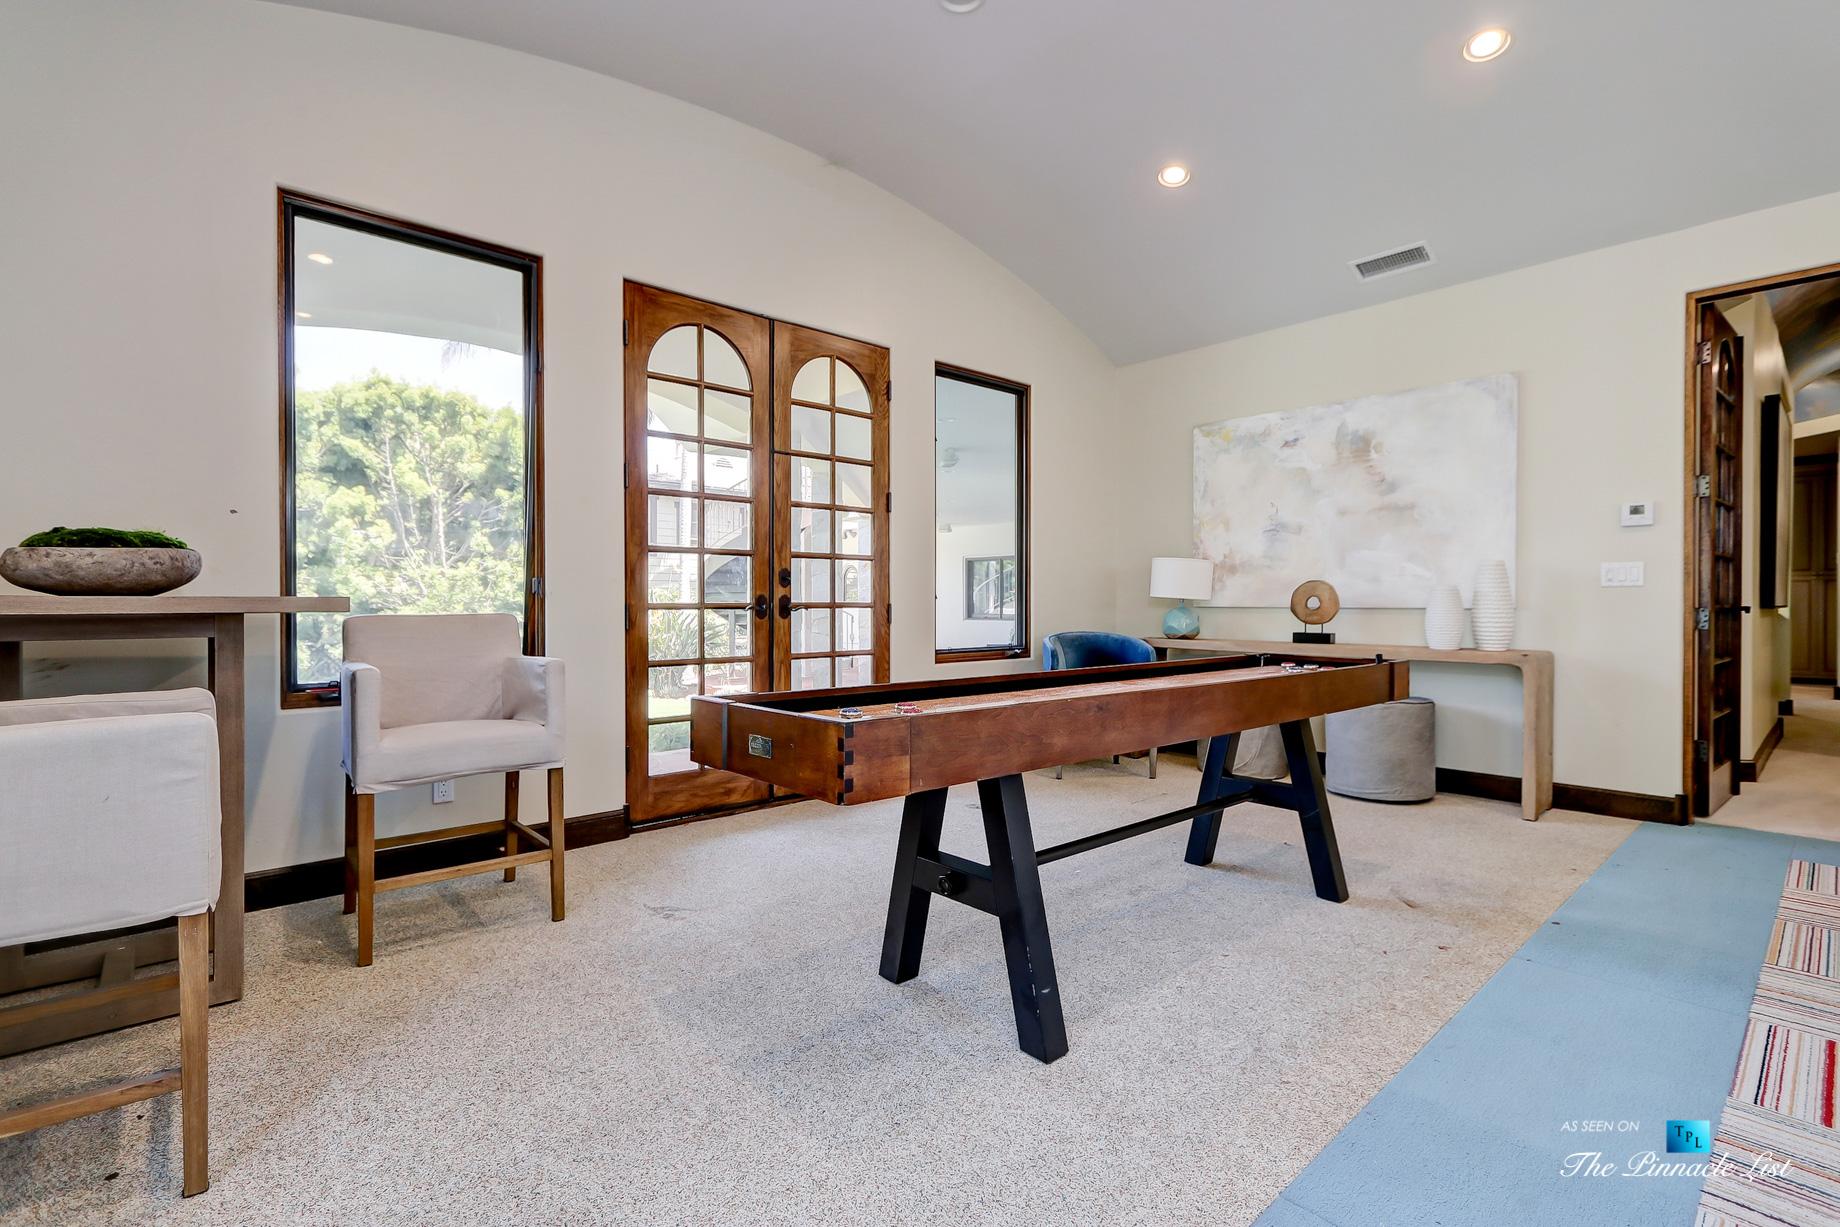 853 10th Street, Manhattan Beach, CA, USA – Recreation Room